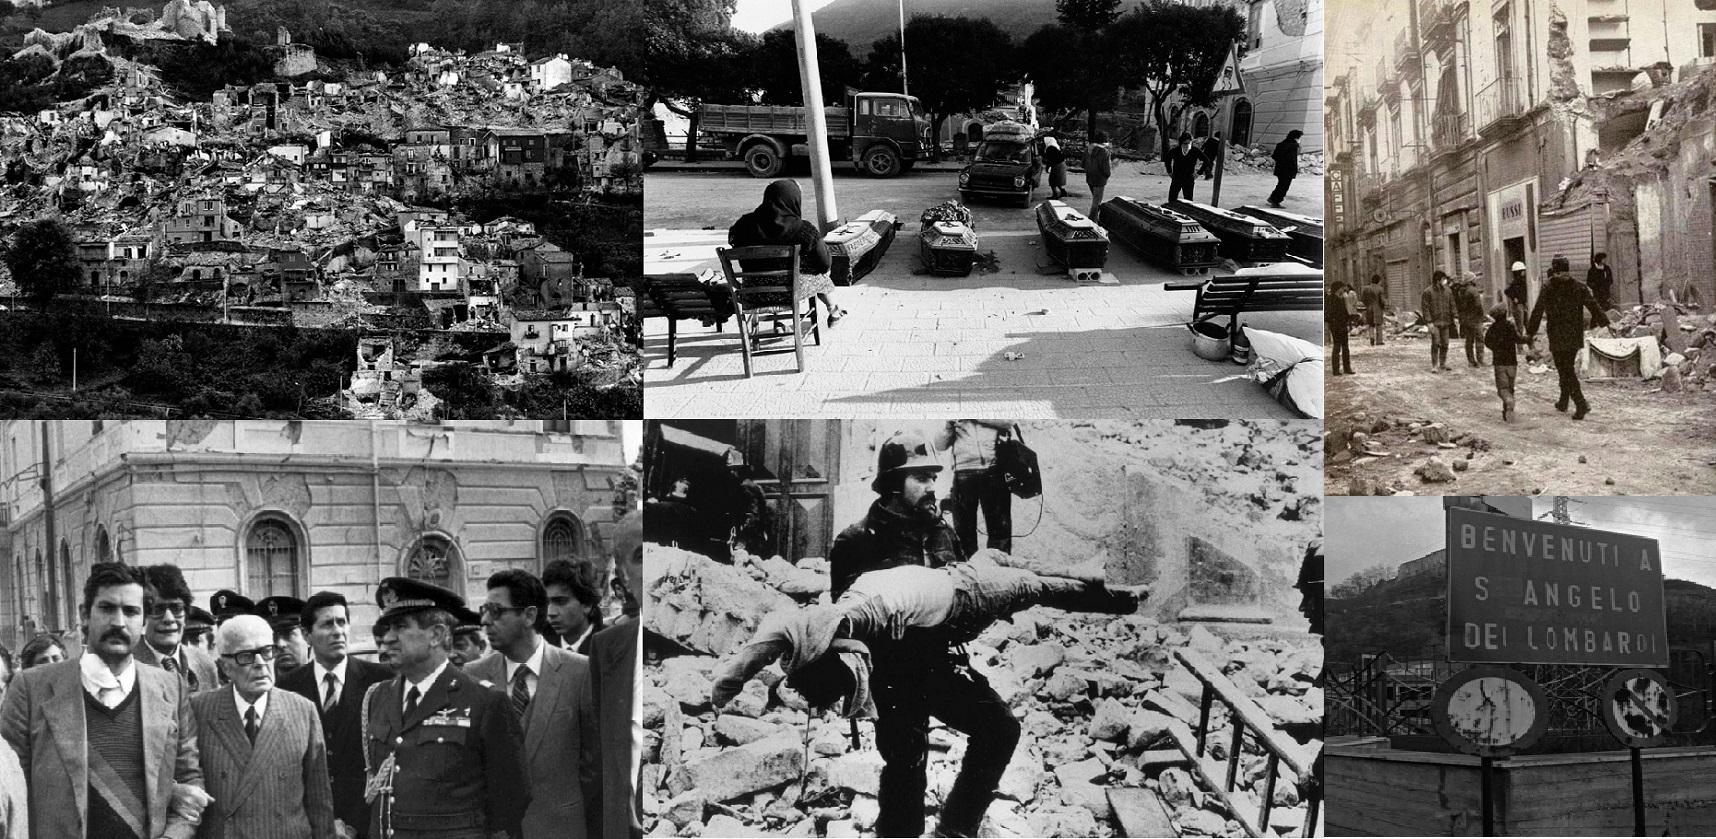 23 novembre 1980, ore 19:34, l'Apocalisse!